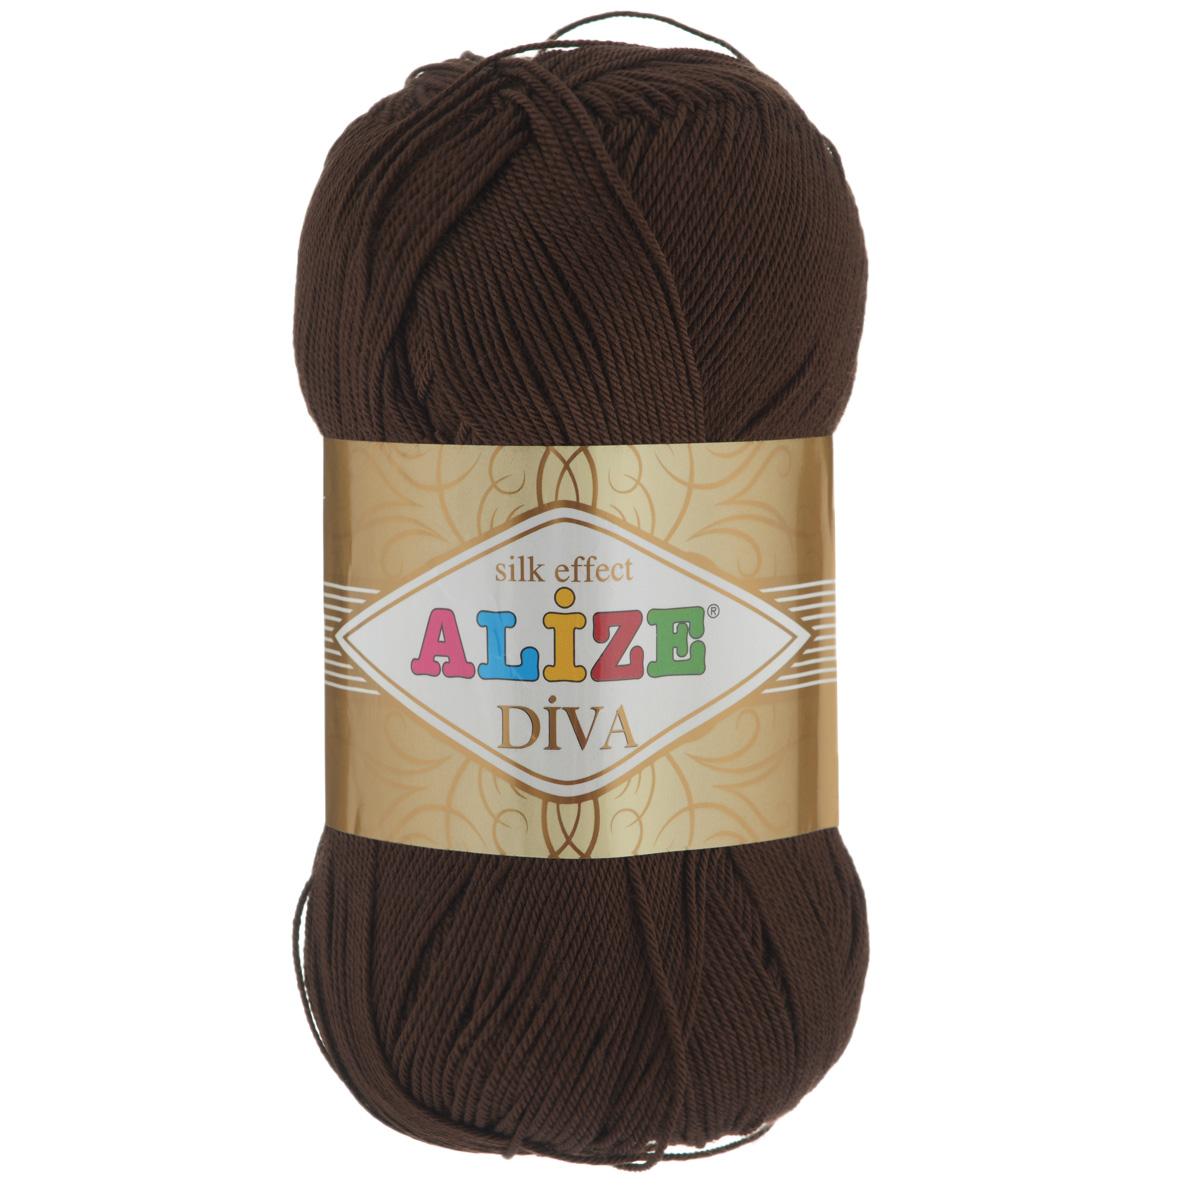 Пряжа для вязания Alize Diva, цвет: коричневый (26), 350 м, 100 г, 5 шт364126_26Легкая пряжа Diva с шелковым эффектом для весенних или летних вещей. Приятная на ощупь, обладающая высокой гигроскопичностью, пряжа Diva из микрофибры подойдет для самых разных вязаных изделий: сарафанов, туник, платьев, легких костюмов, кофт, шалей и накидок. Ее с одинаковым успехом можно использовать и для спиц, и для вязания крючком. В палитре большой выбор ярких цветов и пастельных мягких оттенков. Не стоит с предубеждением относиться к искусственной пряже, ведь она обладает целым рядом преимуществ. За изделиями из пряжи Diva проще ухаживать, они не подвержены скатыванию, не вызывают аллергии, не собирают пыль, не линяют и не оставляют ворсинок на другой одежде. Рекомендованные спицы № 2,5-3,5, крючок № 1-3. Состав: 100% микрофибра.